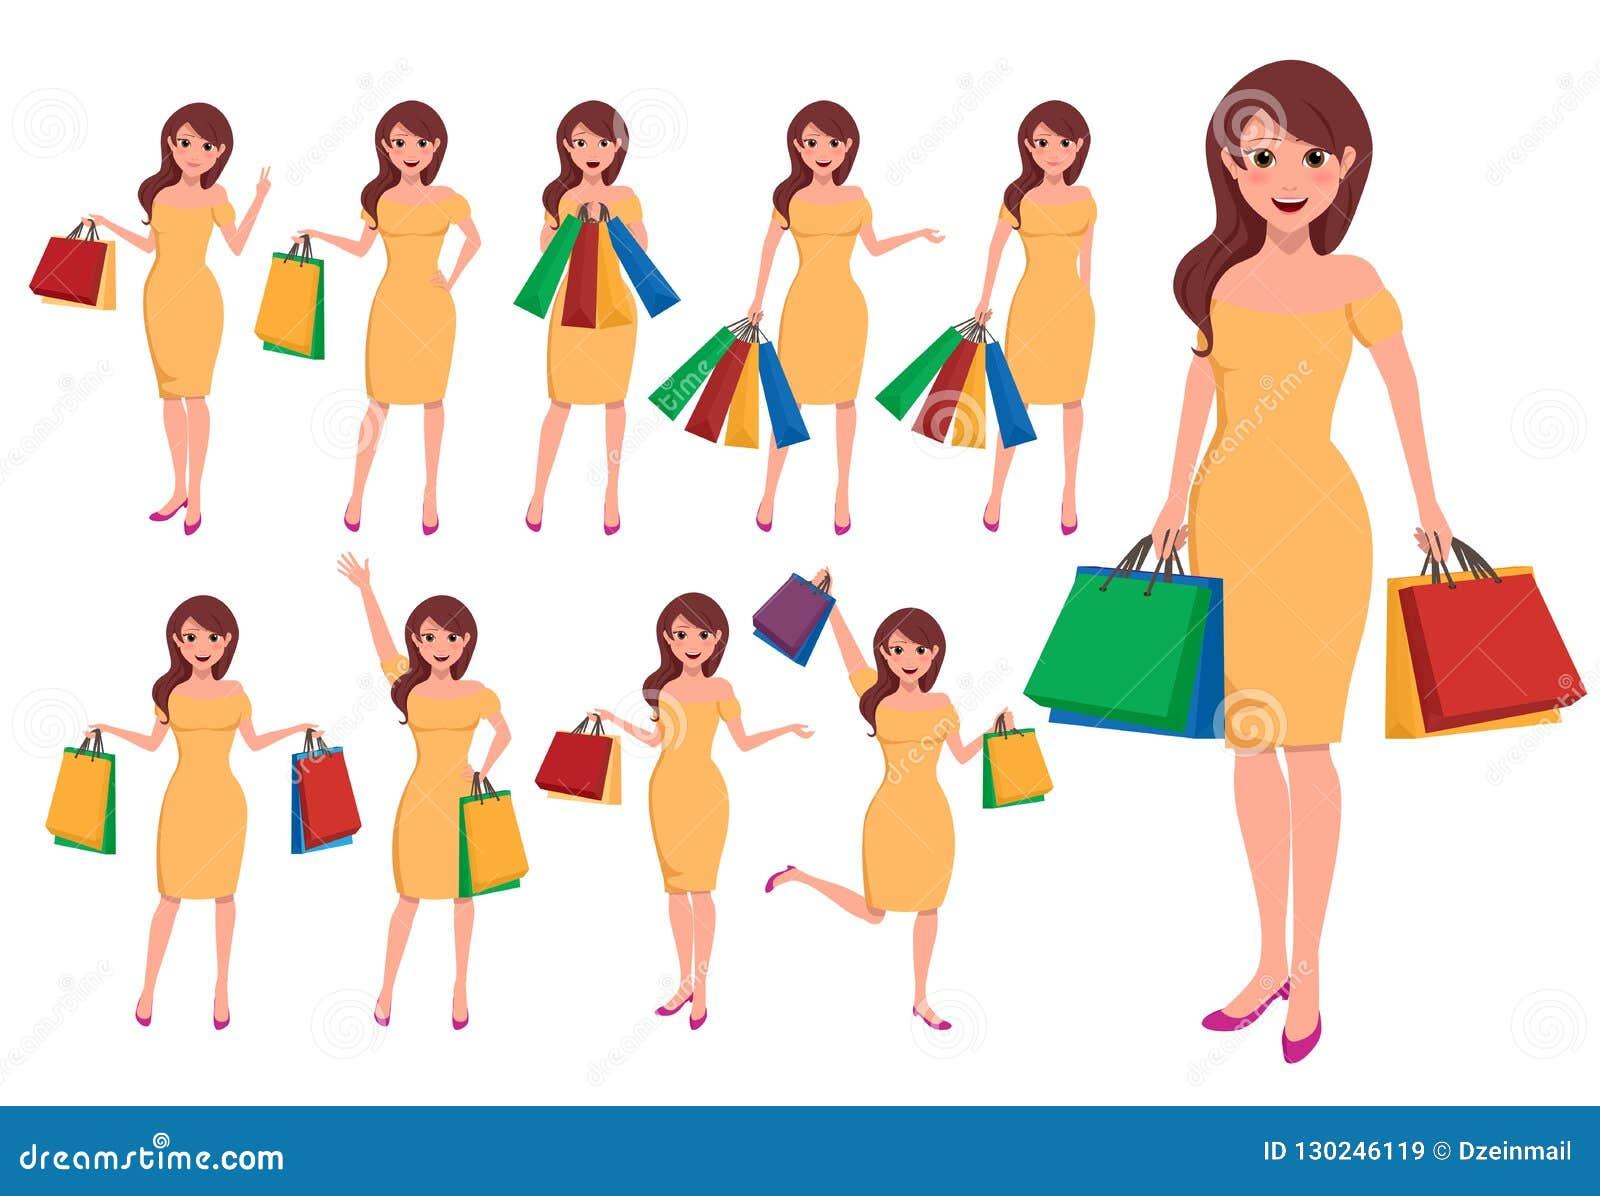 Zakupy kobiety wektorowy charakter - set Mod dziewczyn postacie z kreskówki